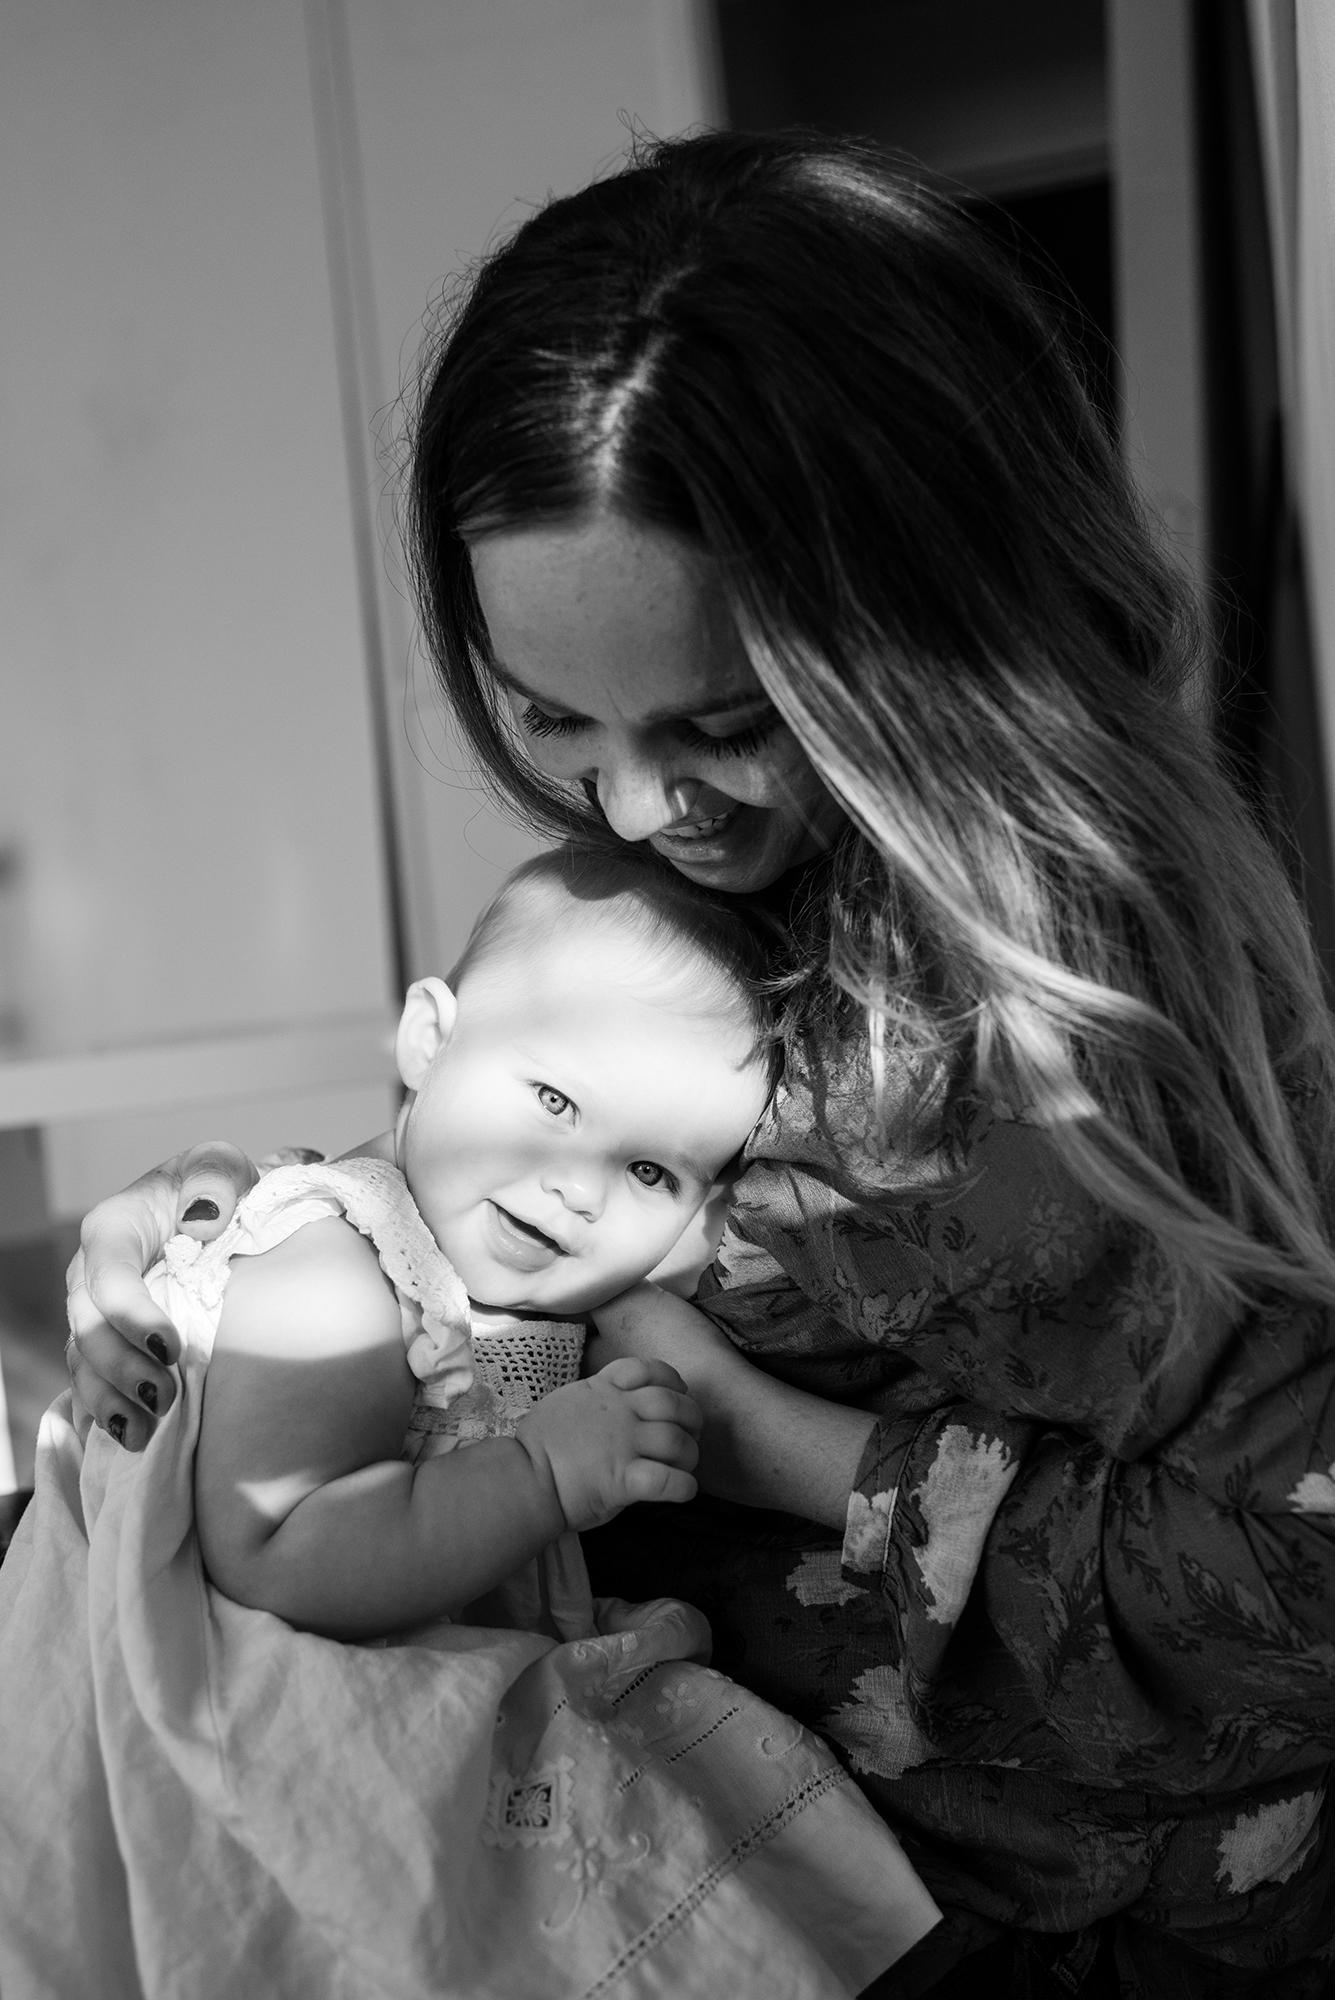 Kat & Adeline, 9 months